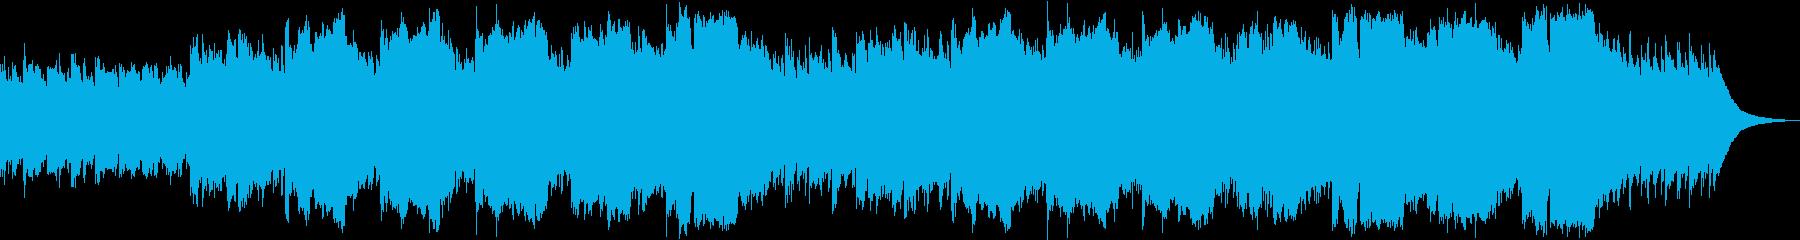 ノスタルジックなアコースティックケルトの再生済みの波形